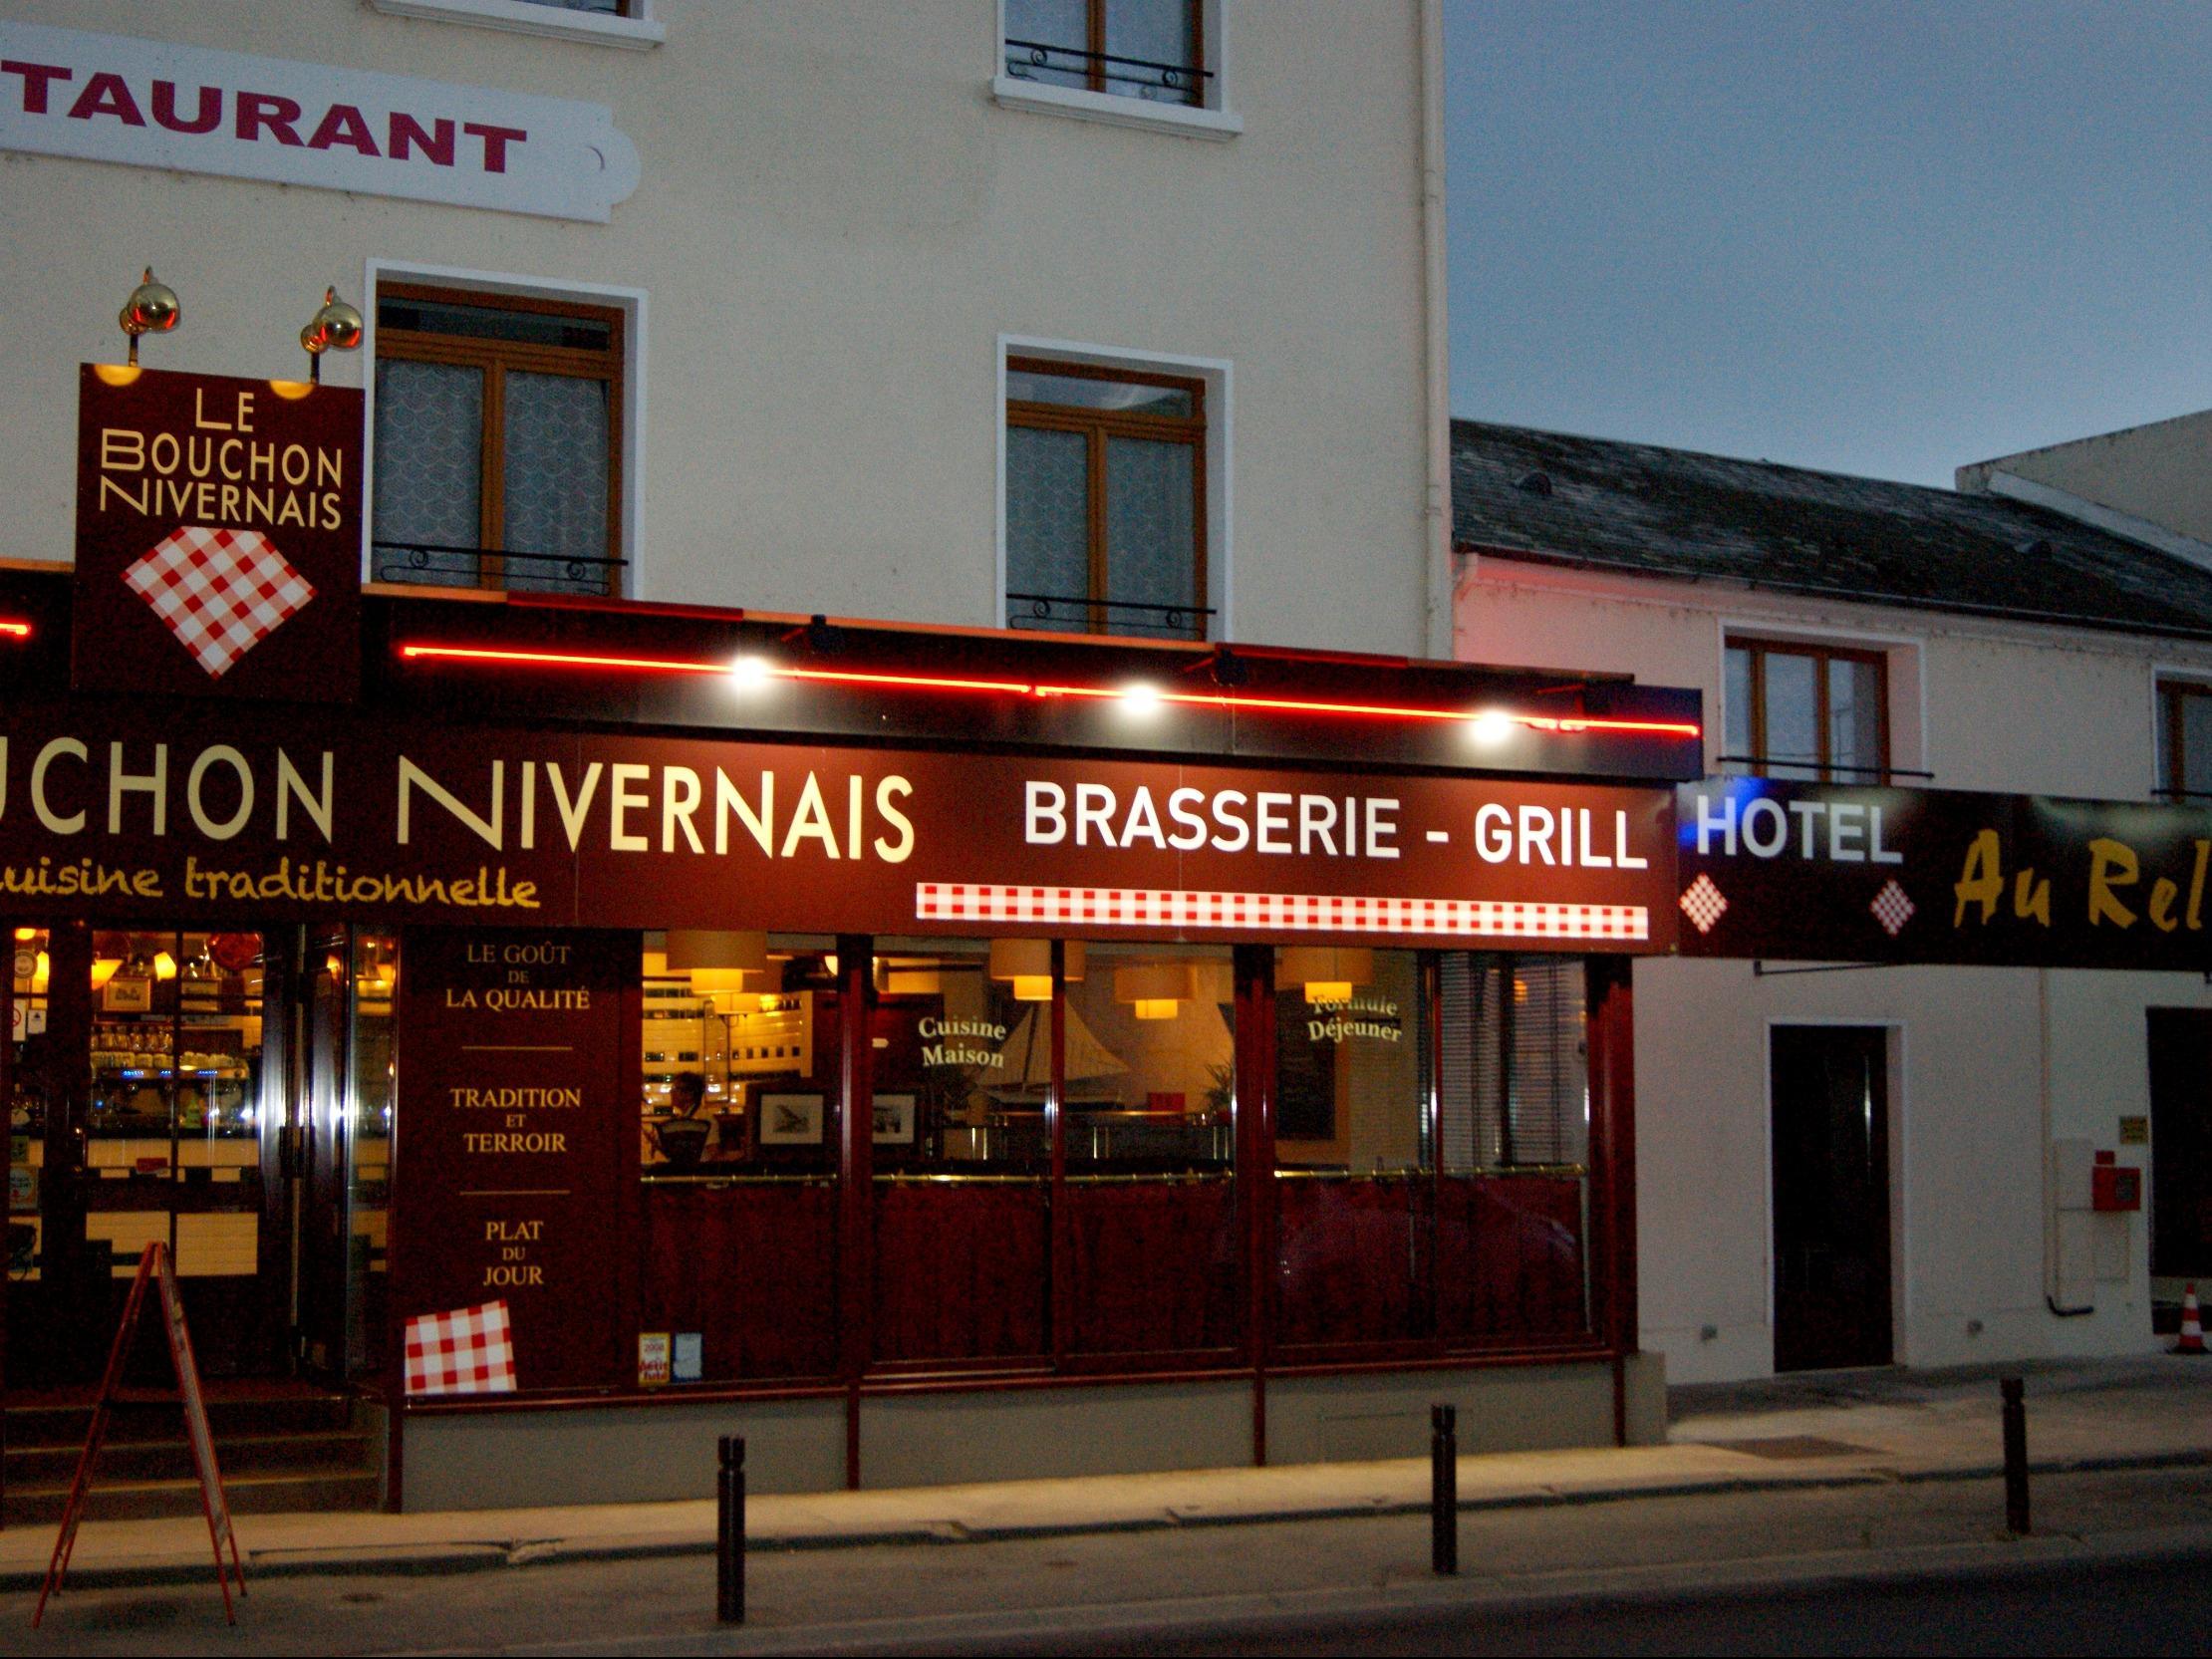 Logis Hôtel Au Relais Nivernais Hôtel Logis Nevers Séjour Bourgogne